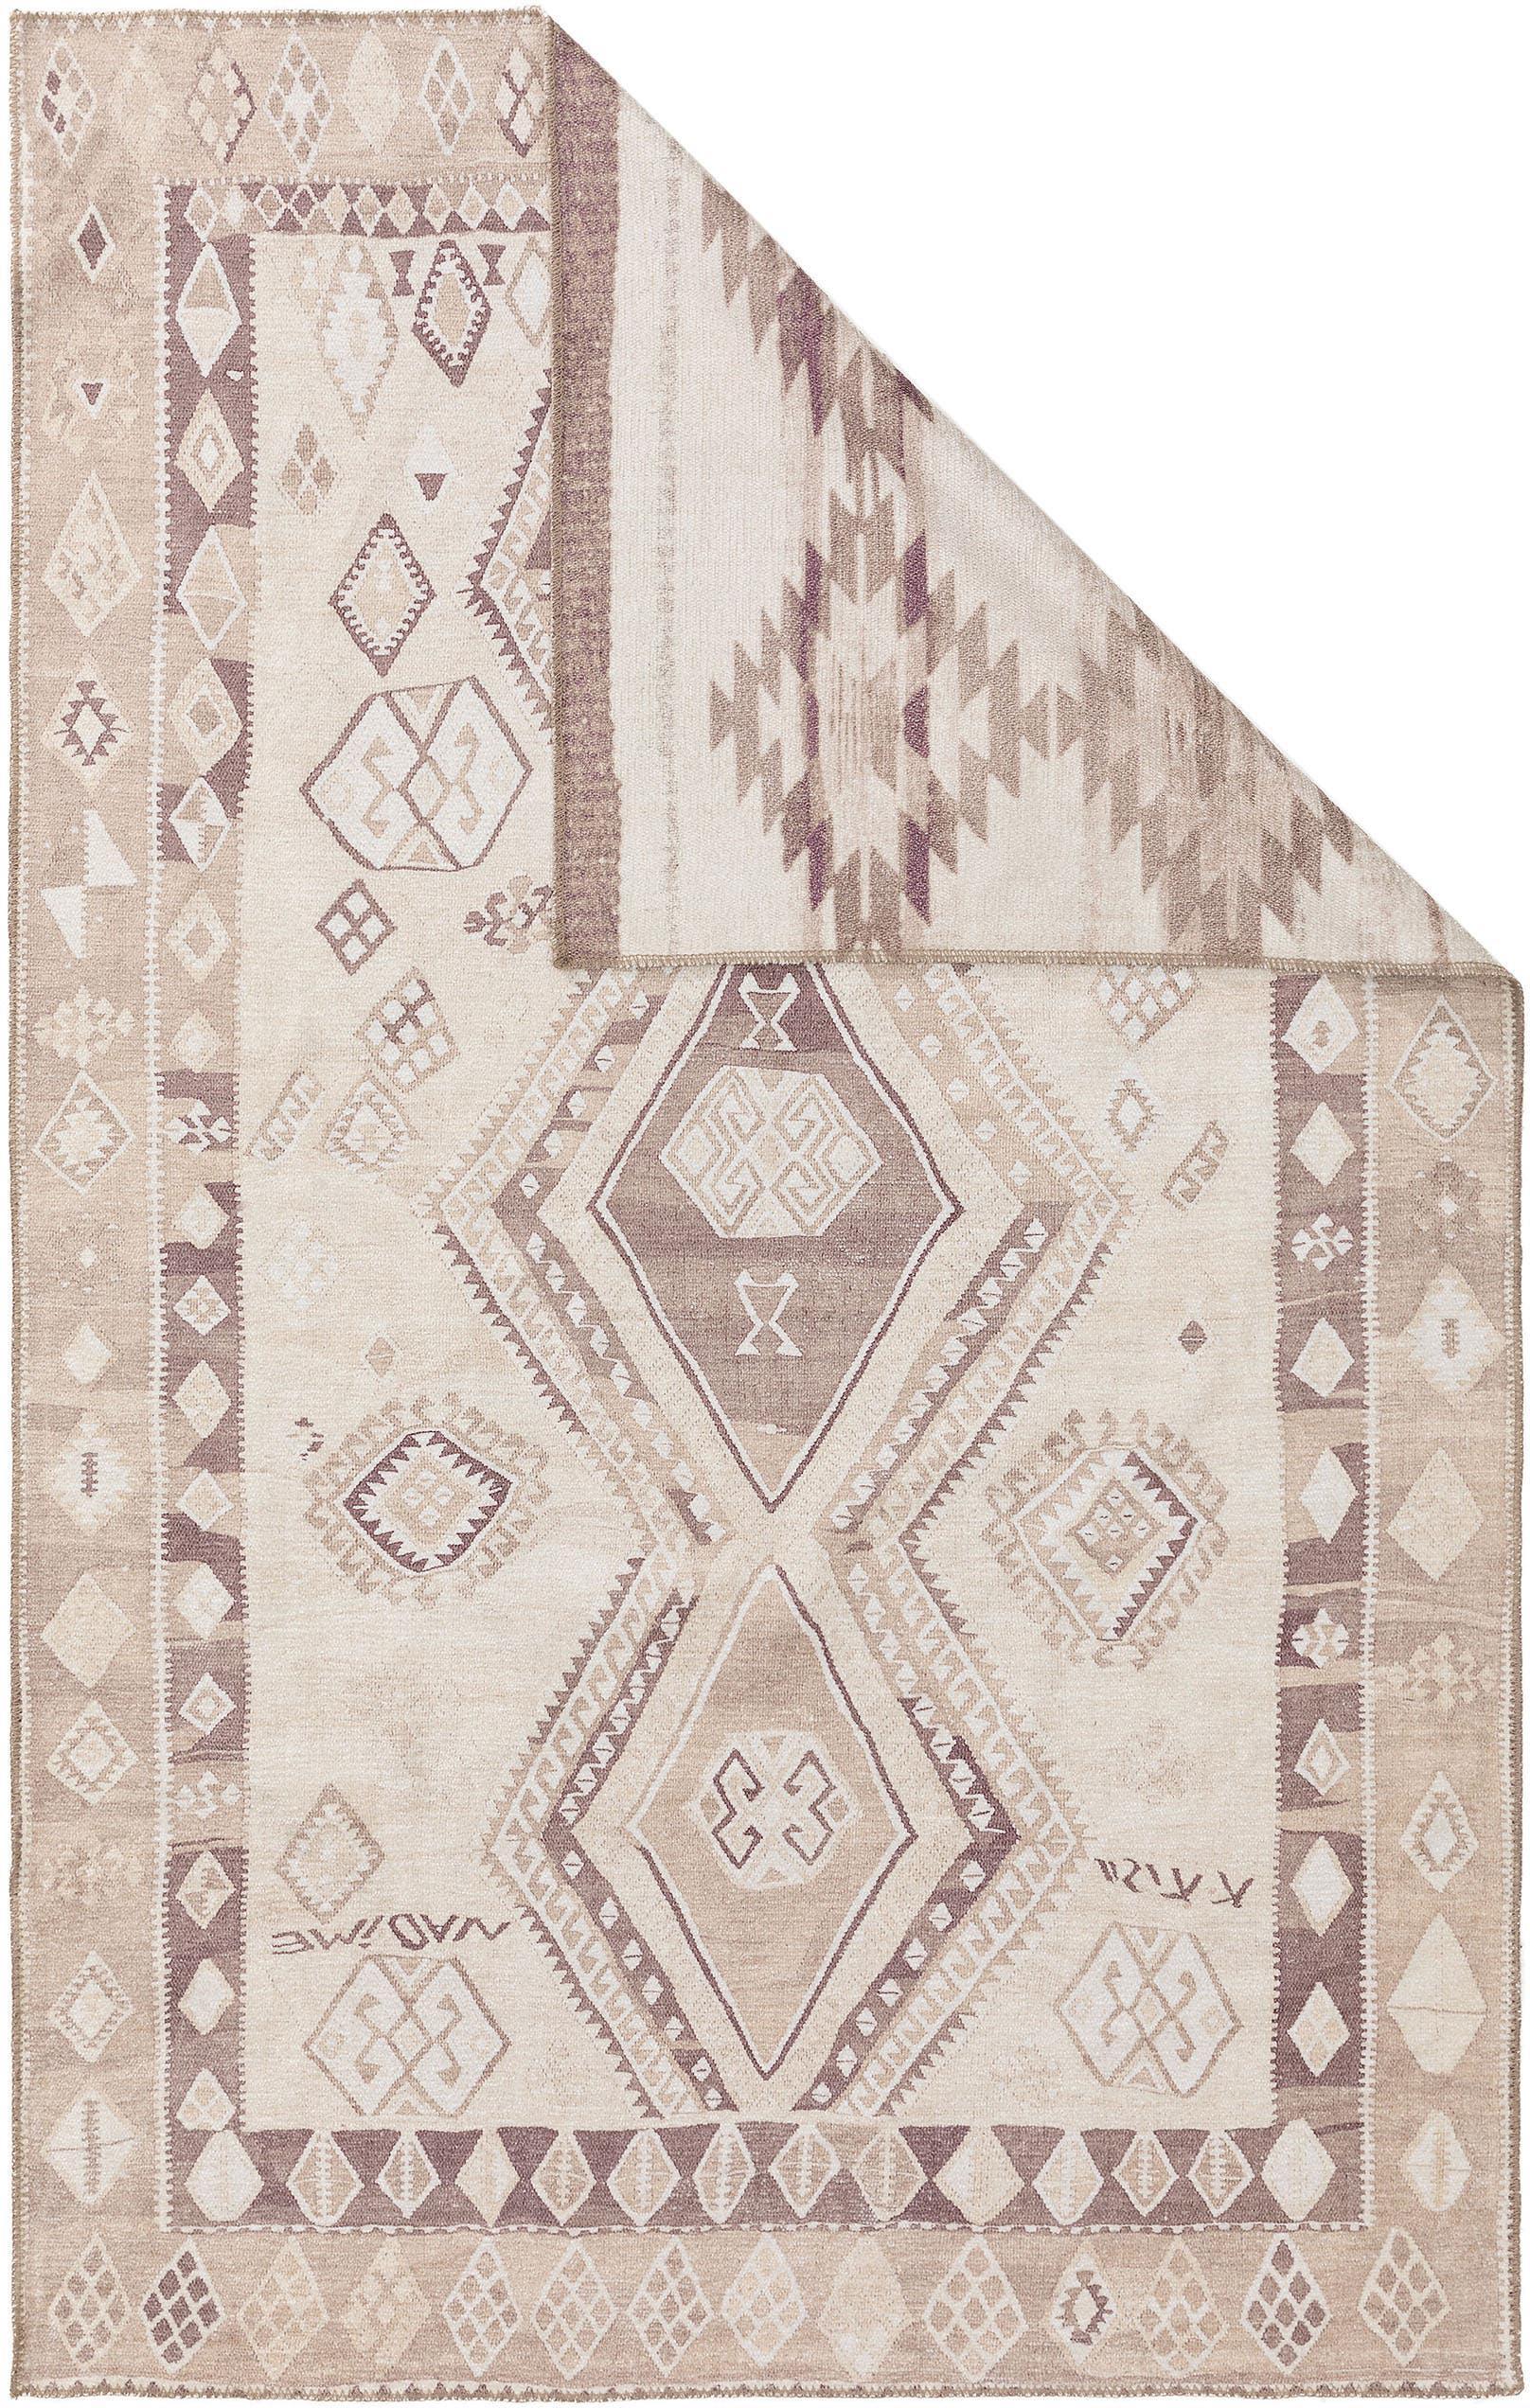 Alfombra kilim reversible Ana Aztec, estilo étnico, 80%poliéster, 20%algodón, Beige, gris pardo, An 75 x L 150 cm (Tamaño XS)